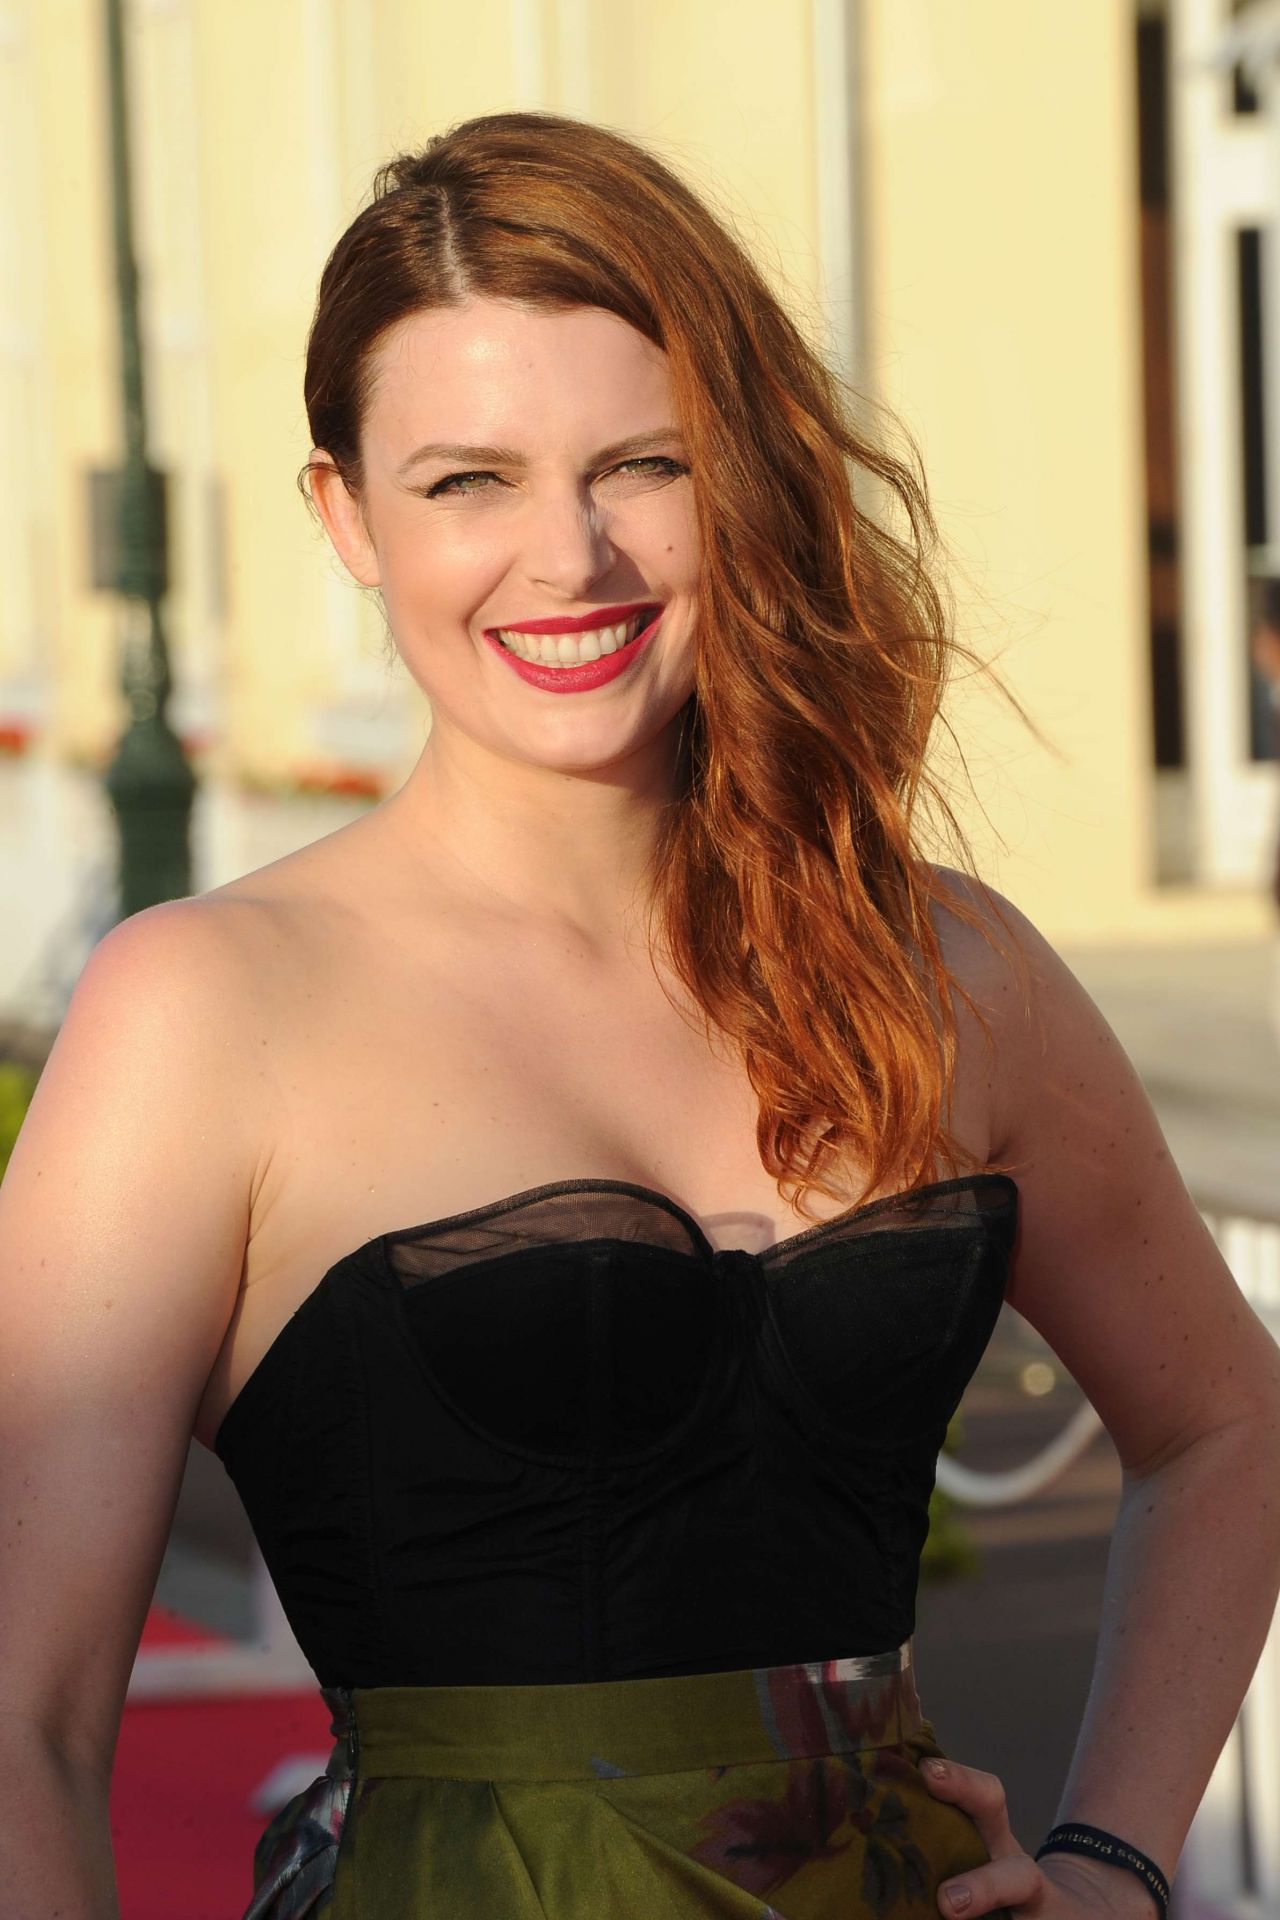 Elodie Frege nudes (62 foto) Selfie, Snapchat, cleavage